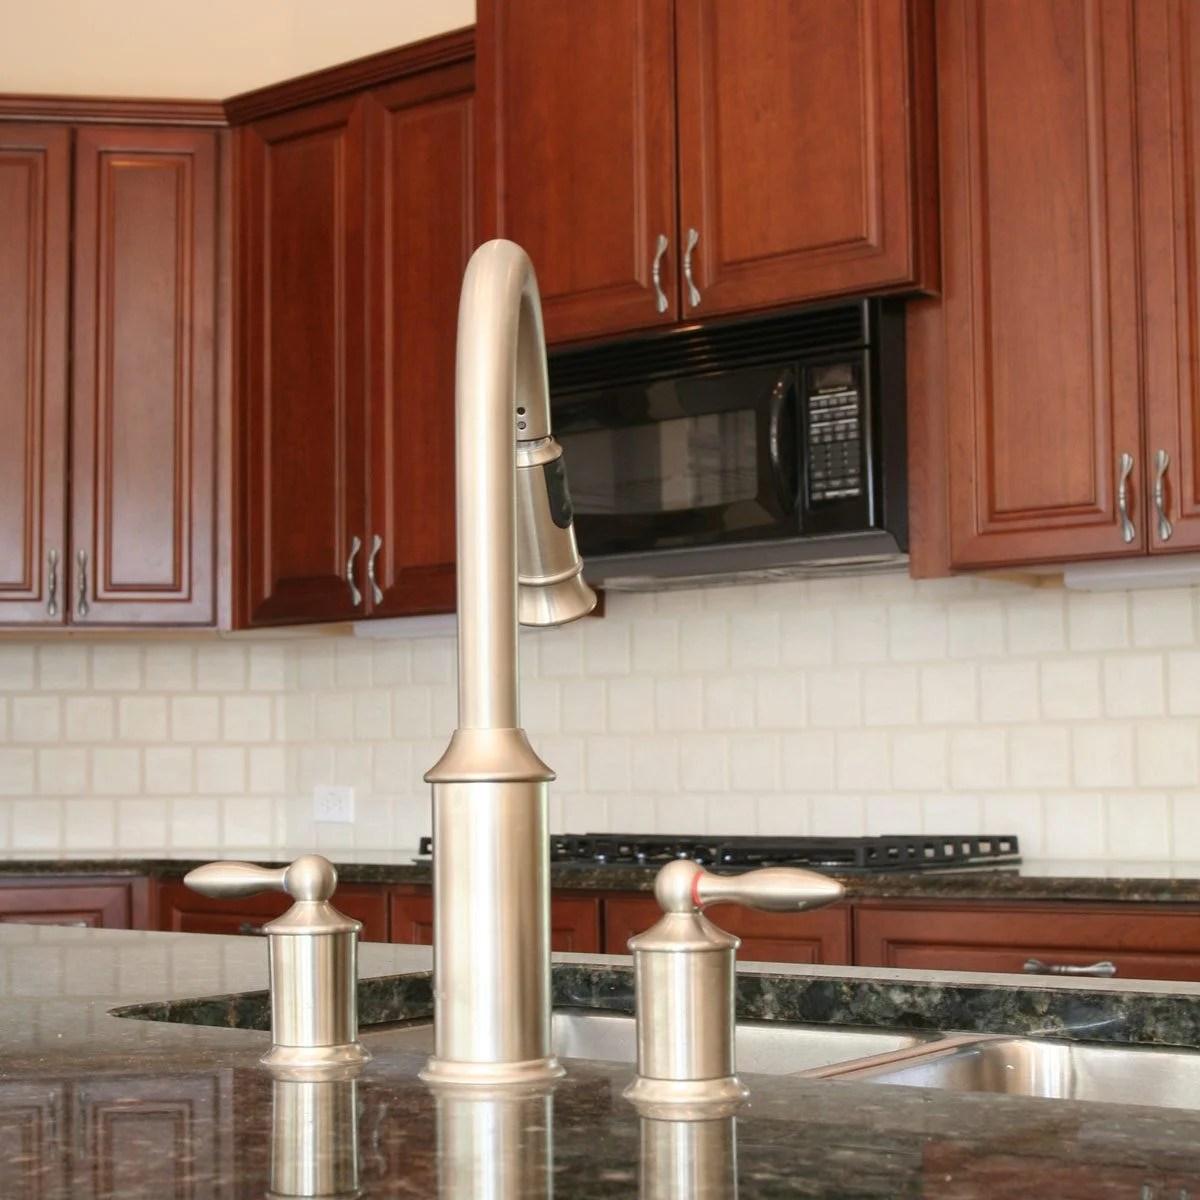 Best Kitchen Backsplash Ideas For Dark Cabinets | Family ... on Backsplash Ideas For Black Granite Countertops And Cherry Cabinets  id=40026